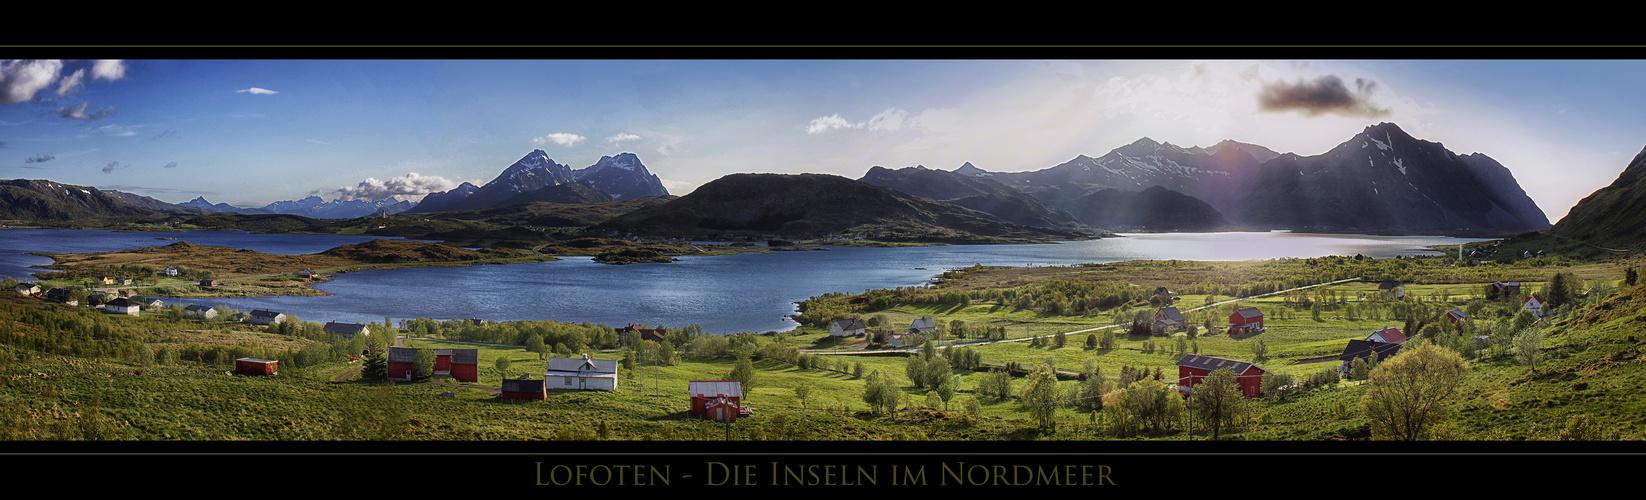 Lofoten - Die Inseln im Nordmeer